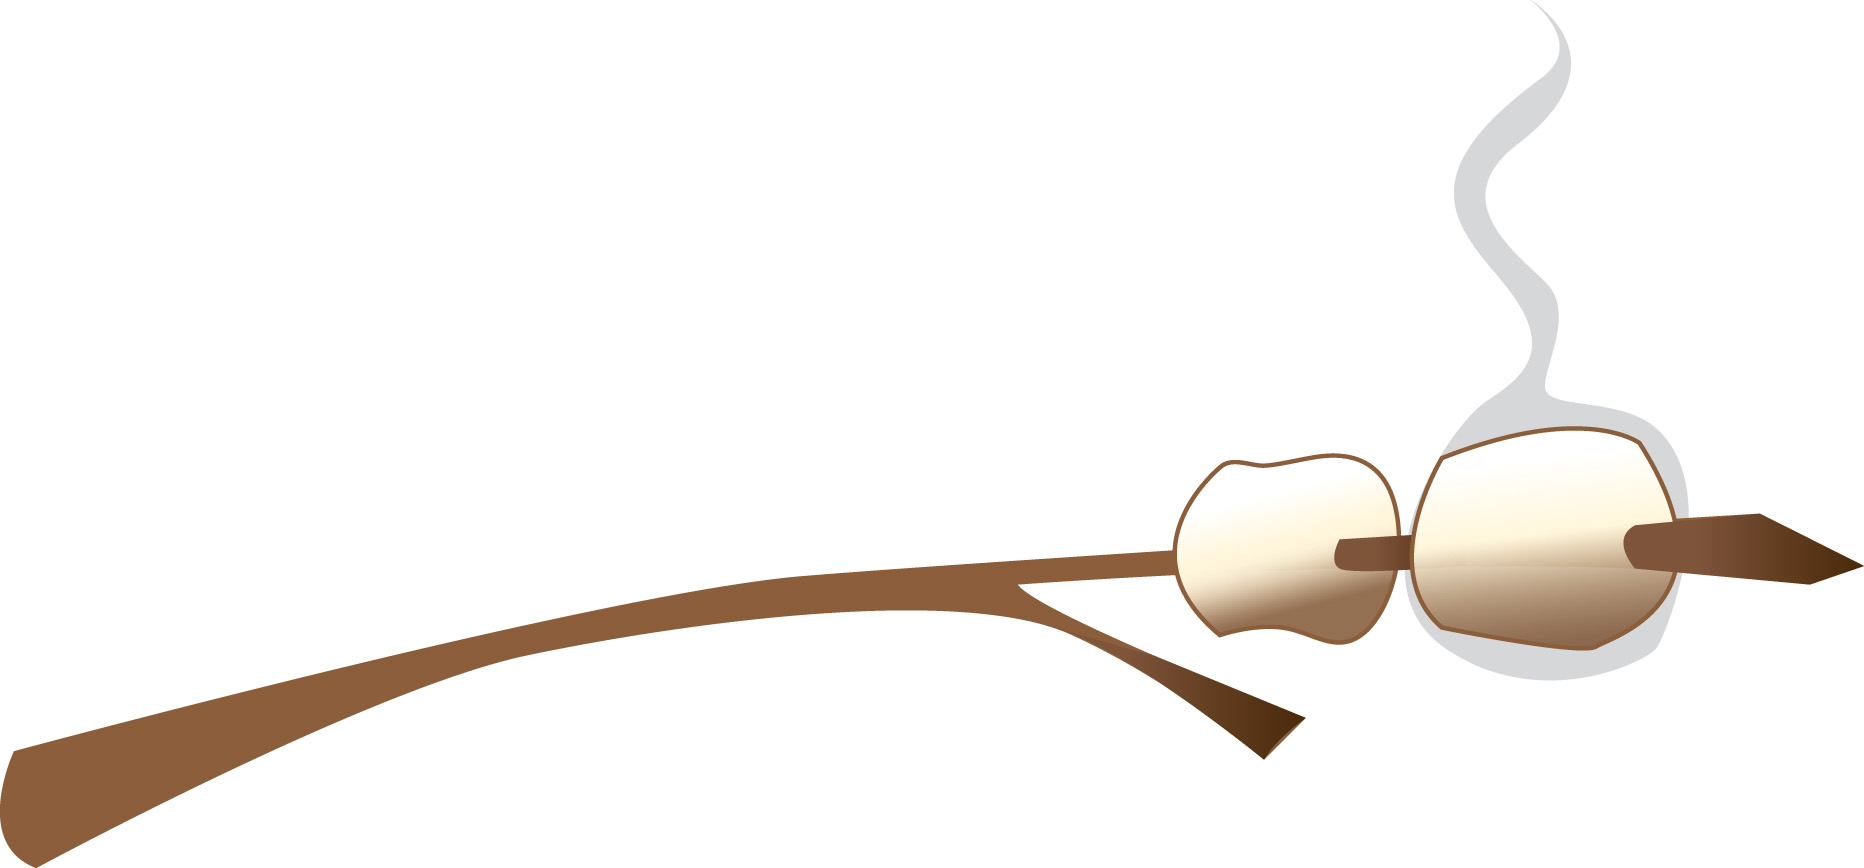 1864x868 Roast Clipart Roasting Marshmallow